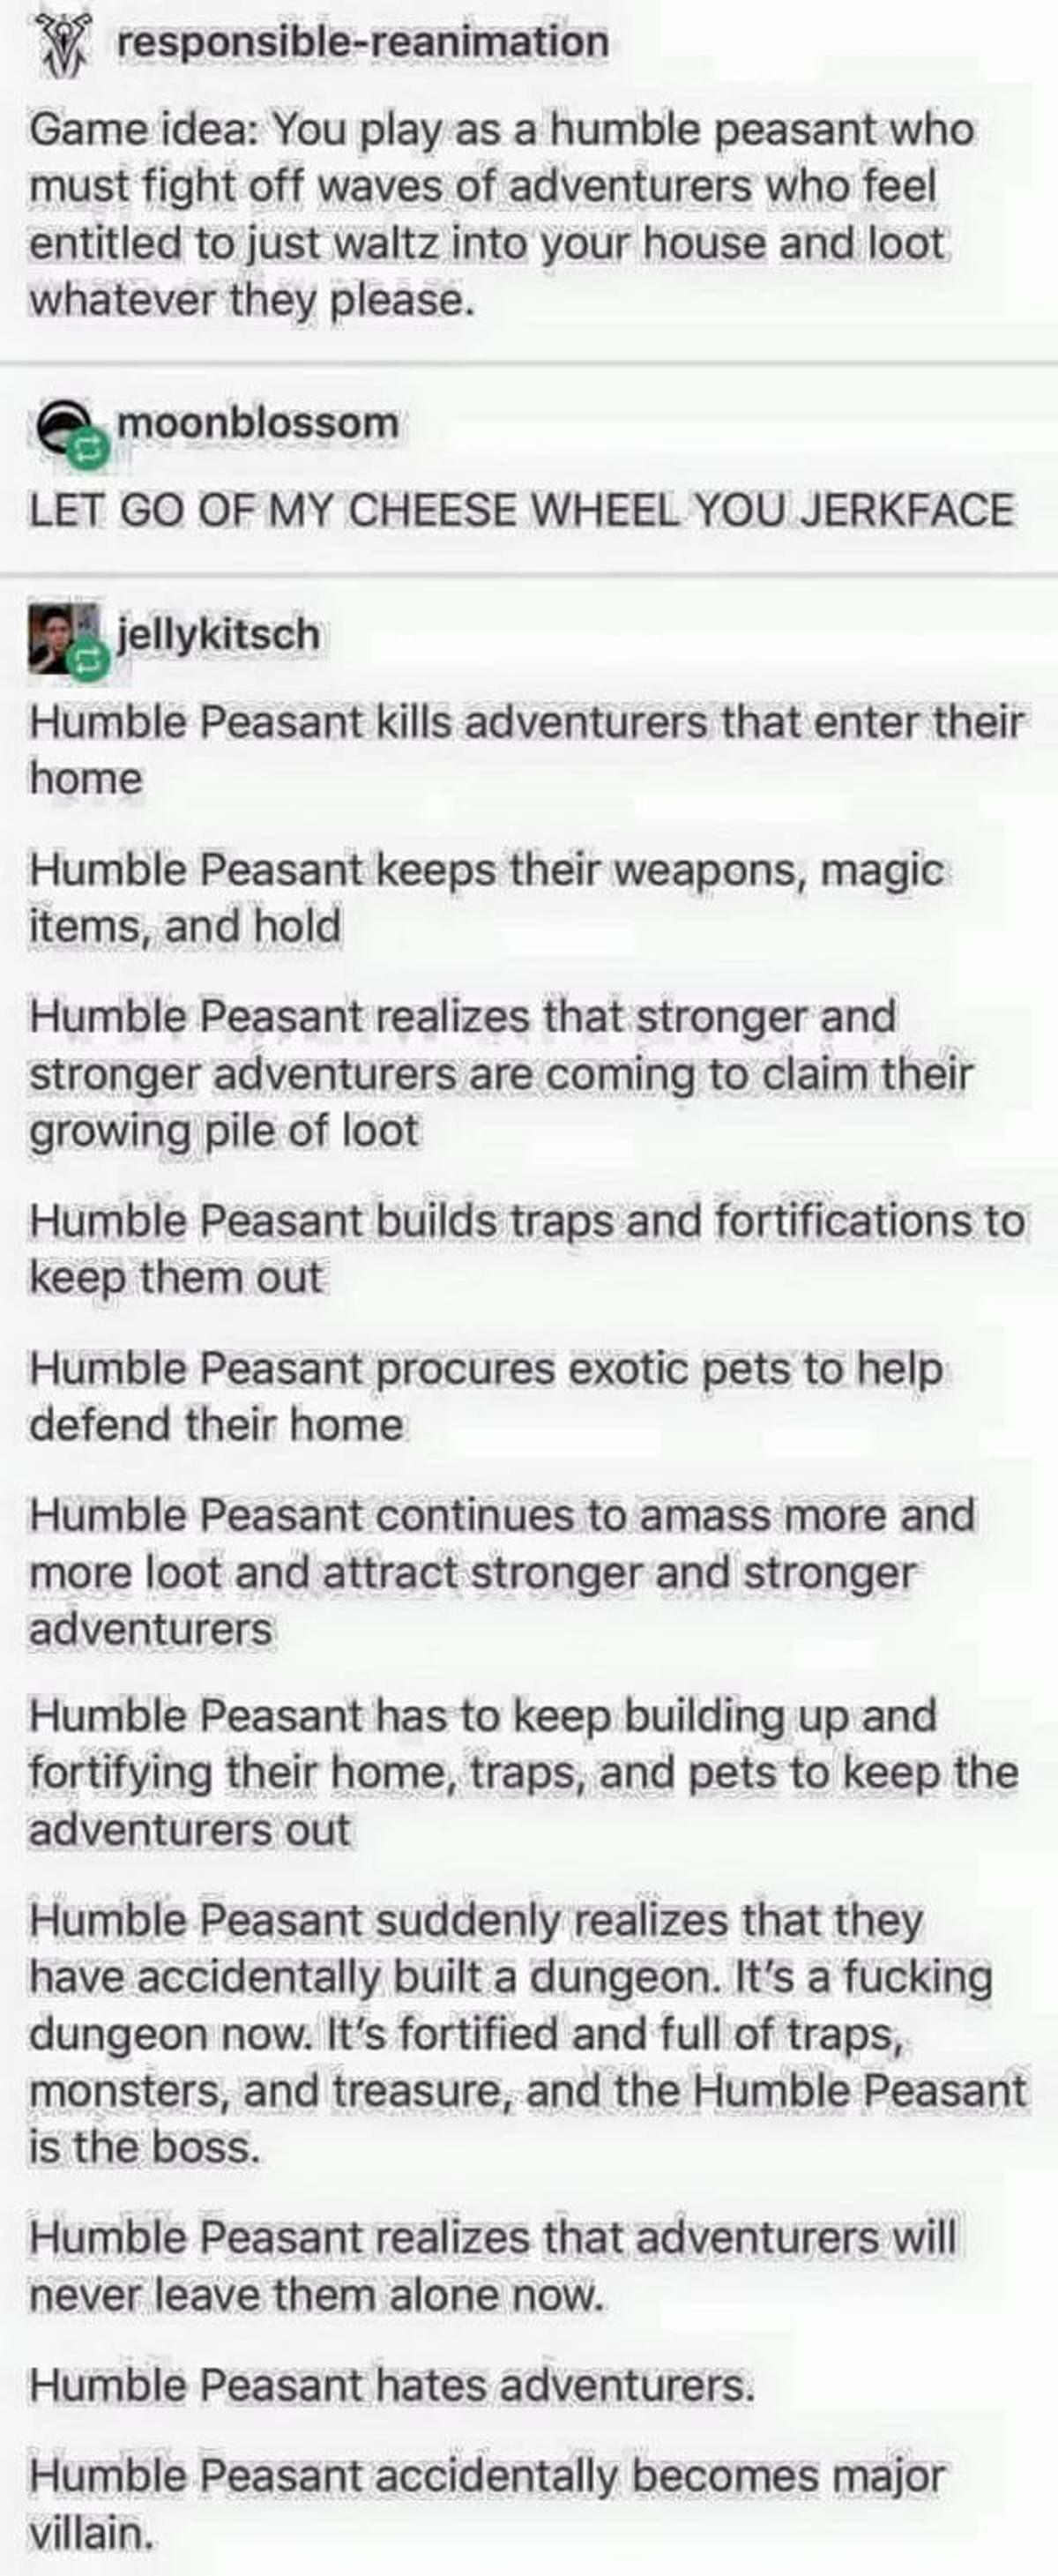 Humble Peasant